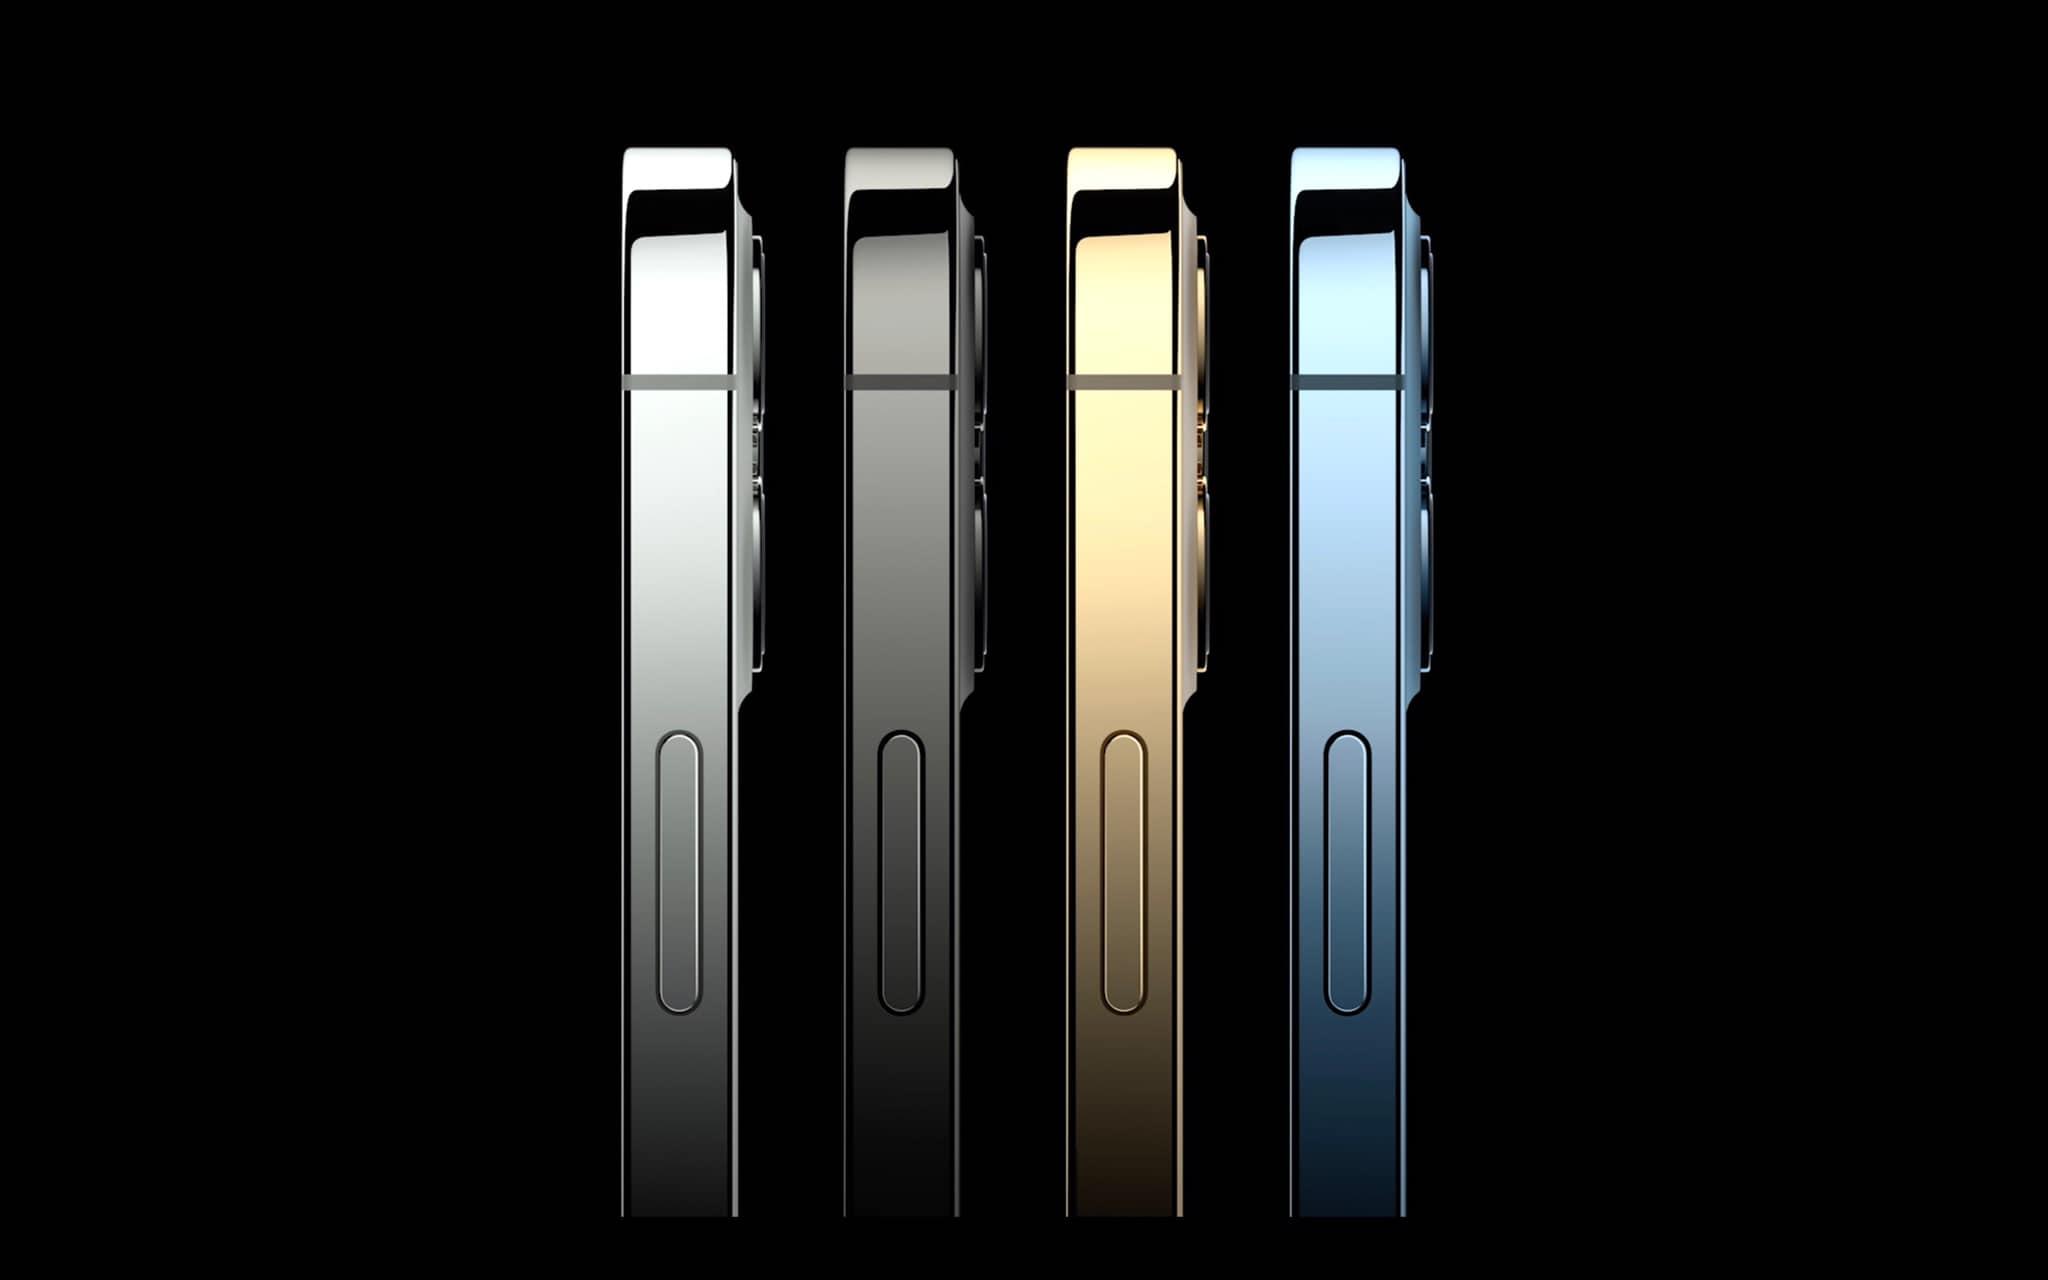 mau sac iphone 12 pro max-halo-mobile